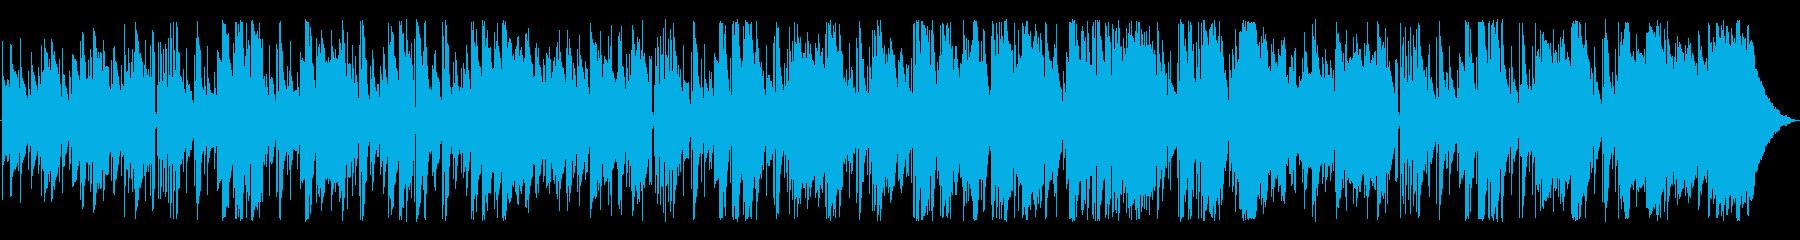 ビーズと腕輪(sax)の再生済みの波形